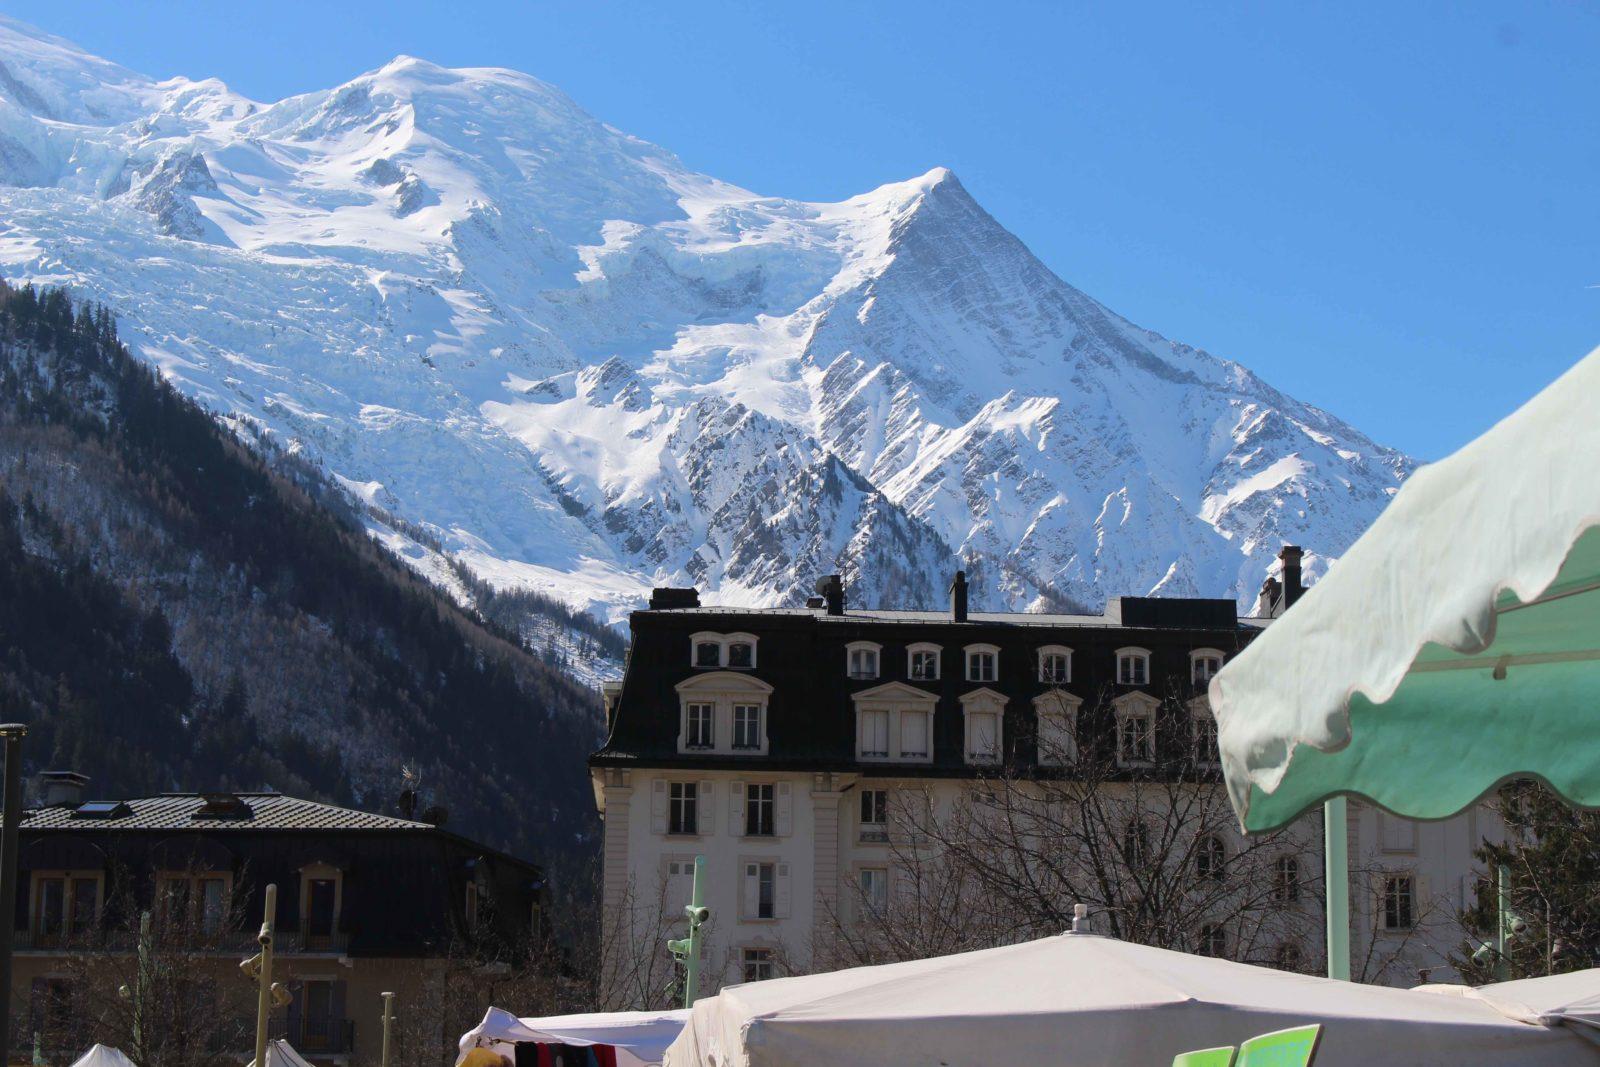 Chamonix vue sur le mont blanc depuis le marché